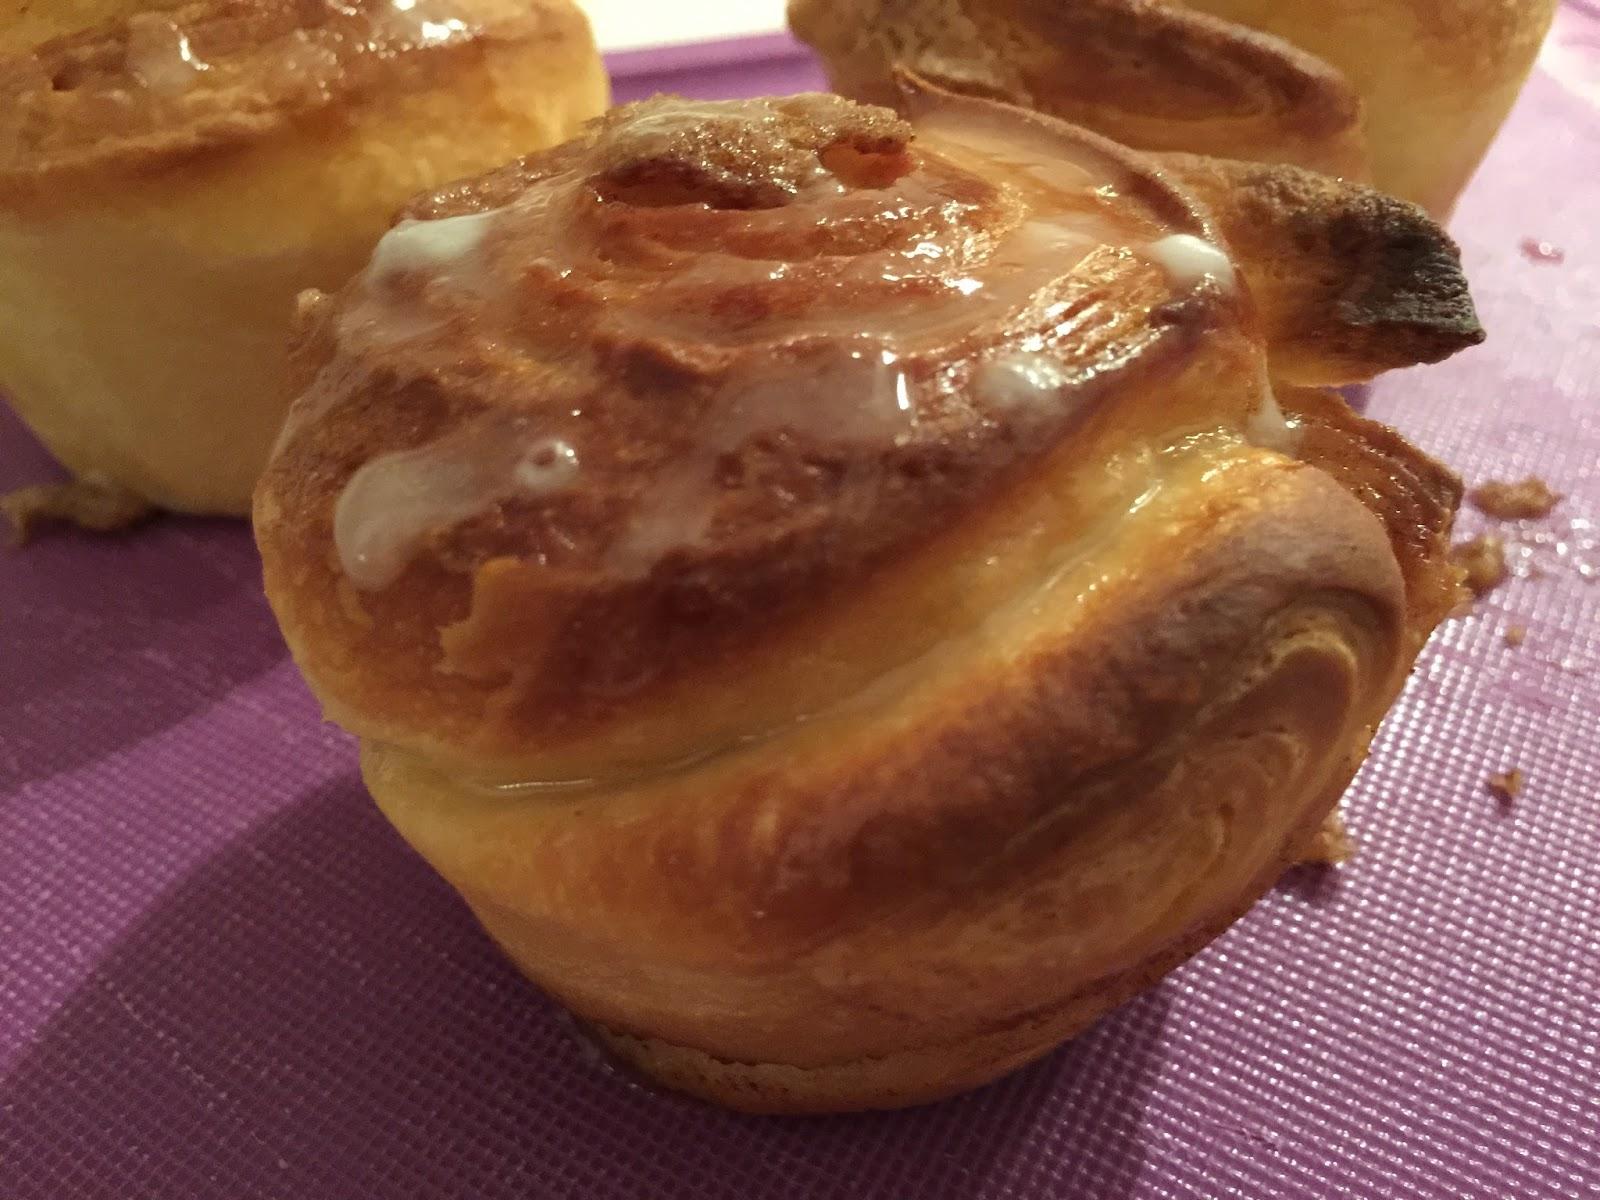 La Pasticcioneria Cinnamon Rolls Con Pasta Croissant Di Luca Montersino